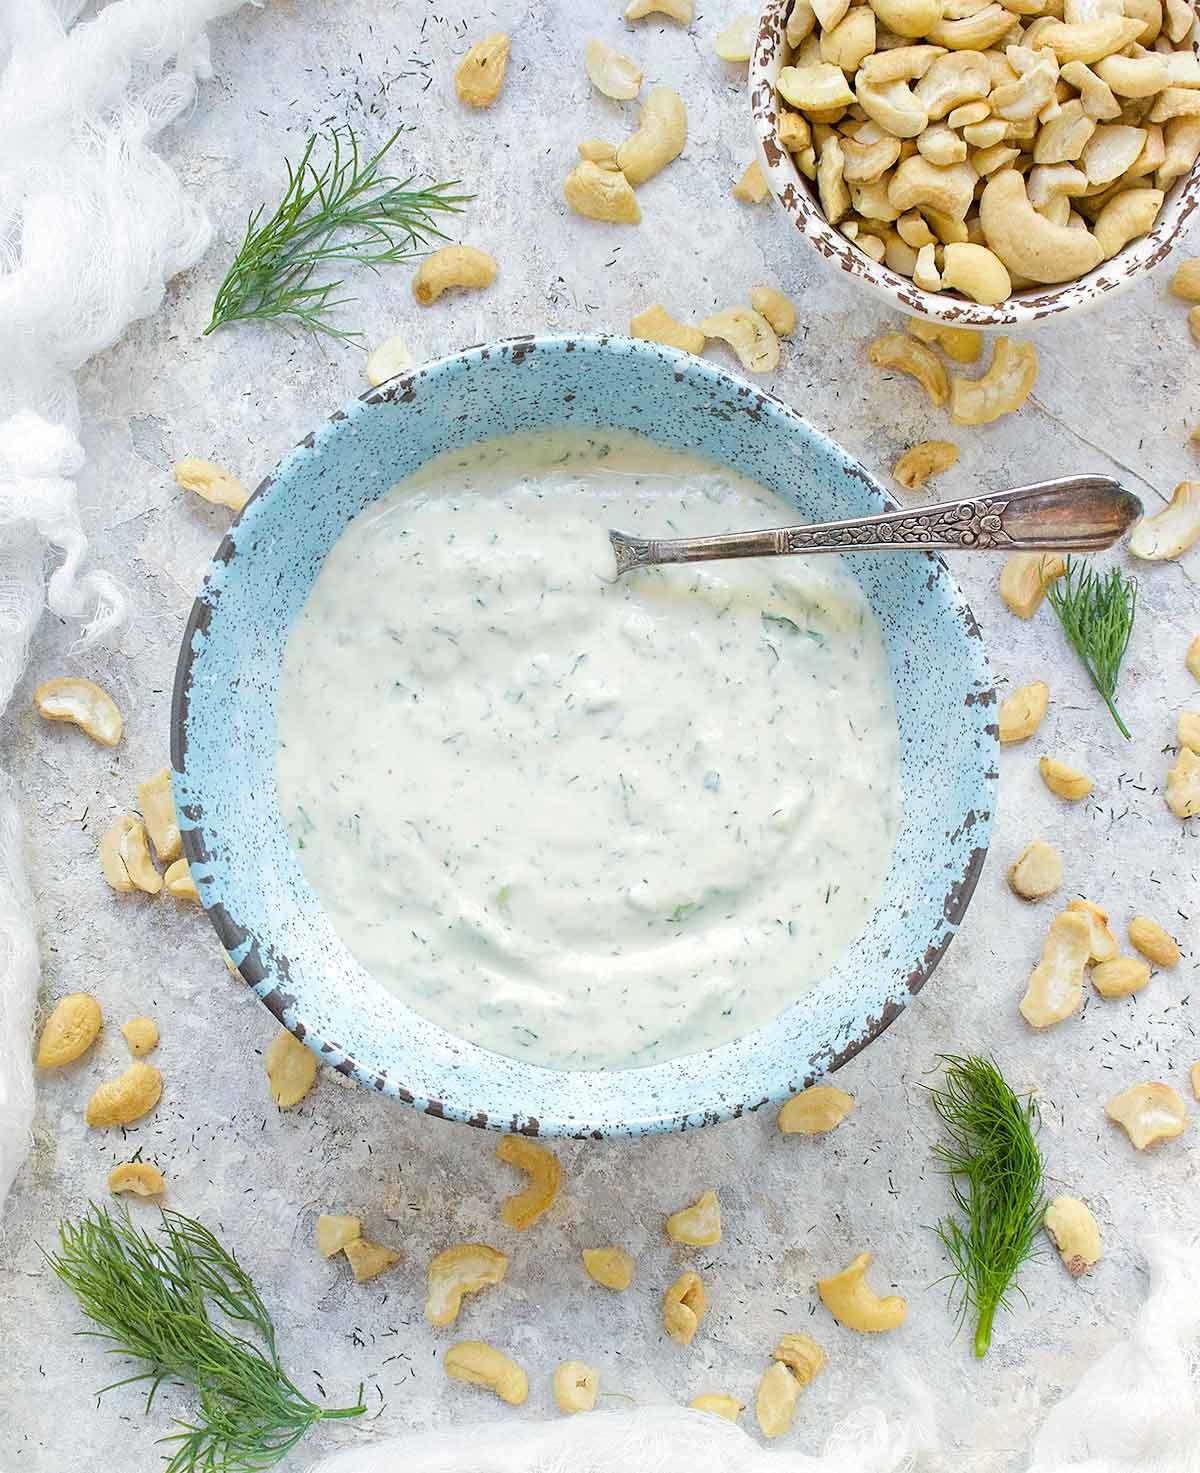 Dairy-free Tzatziki Sauce, vegan and delicious. Recipe at SoupAddict.com